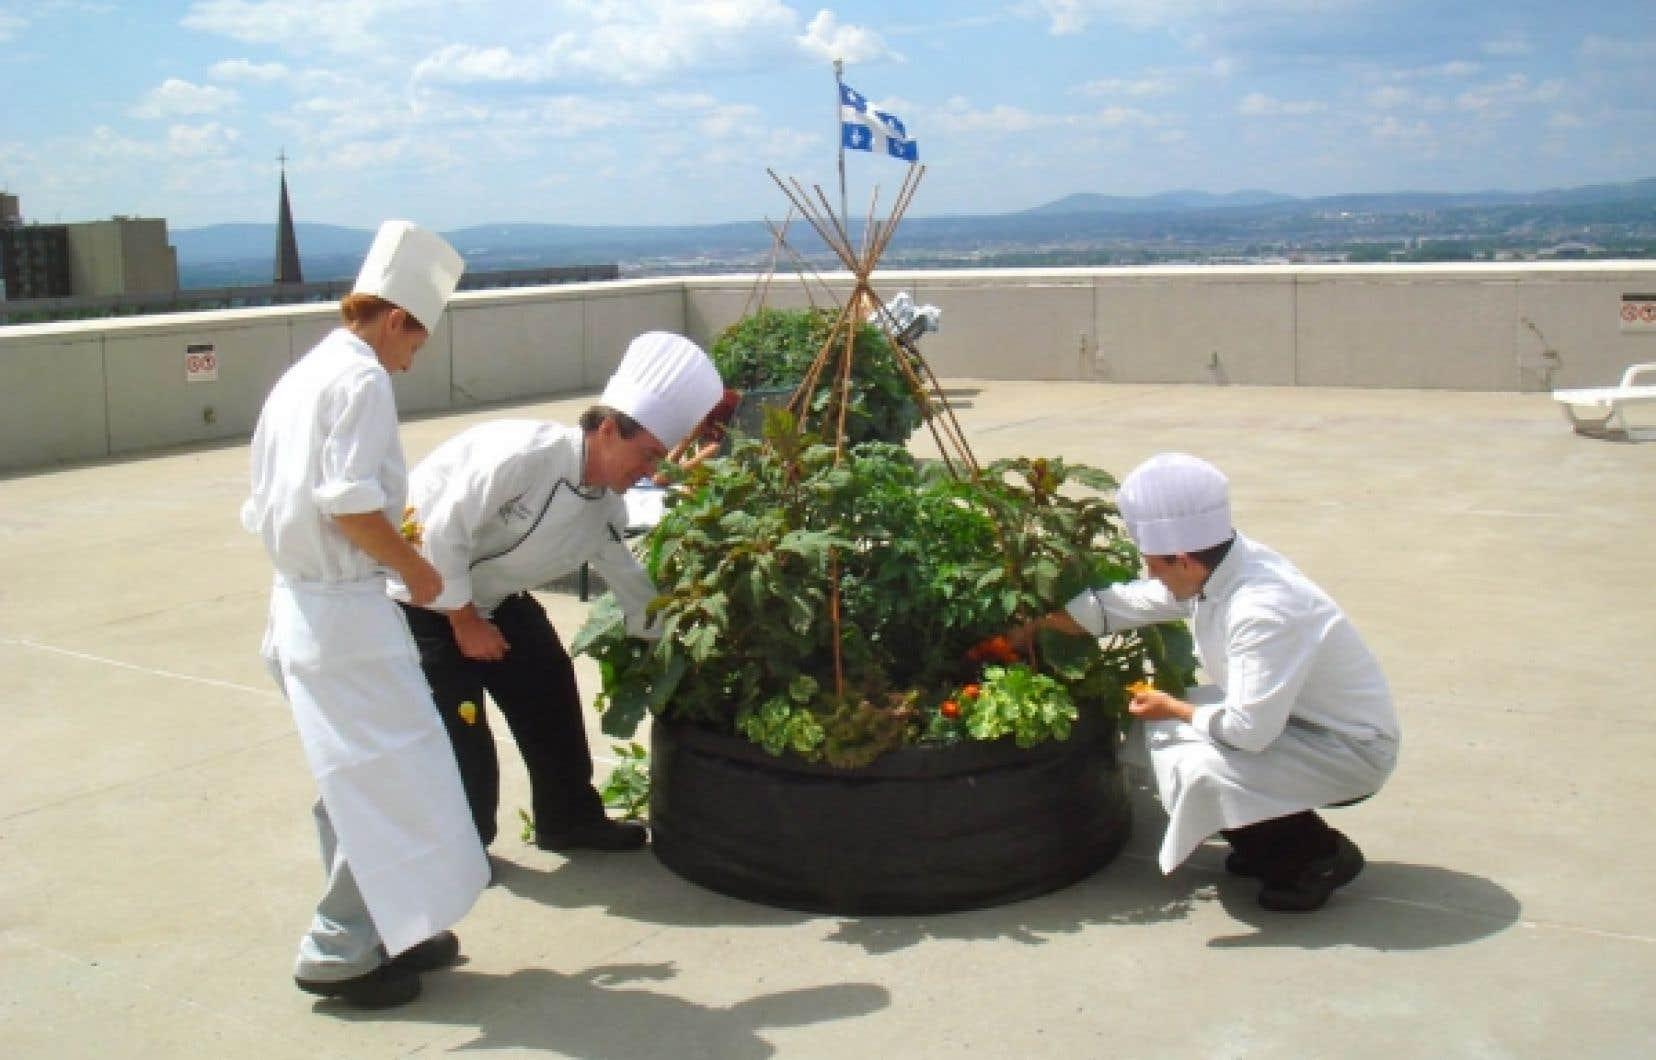 Sur le toit de l'hôtel Hilton, on récolte des fleurs, des fines herbes et des légumes pour les cuisines et les employés.<br />